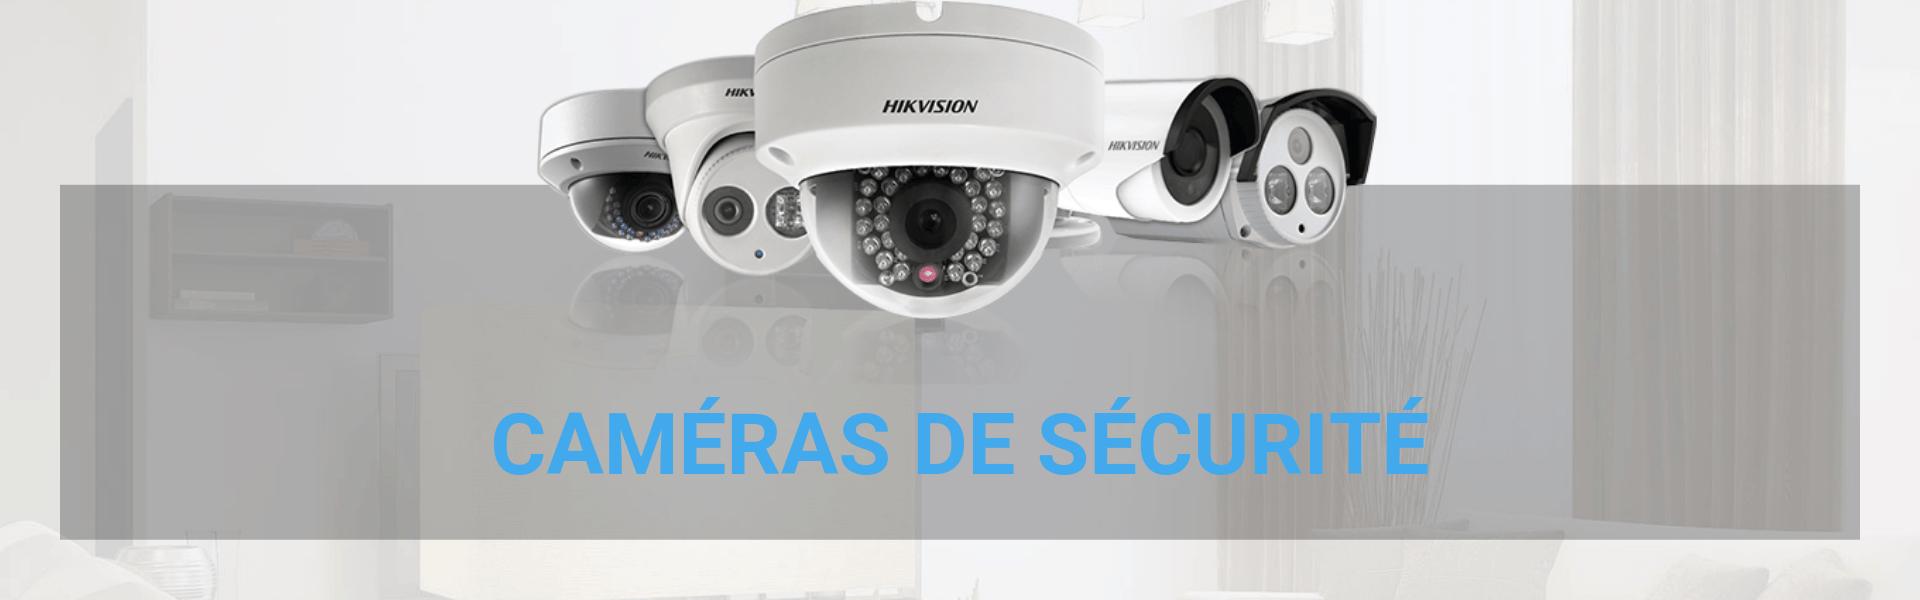 Caméras de surveillance en ligne